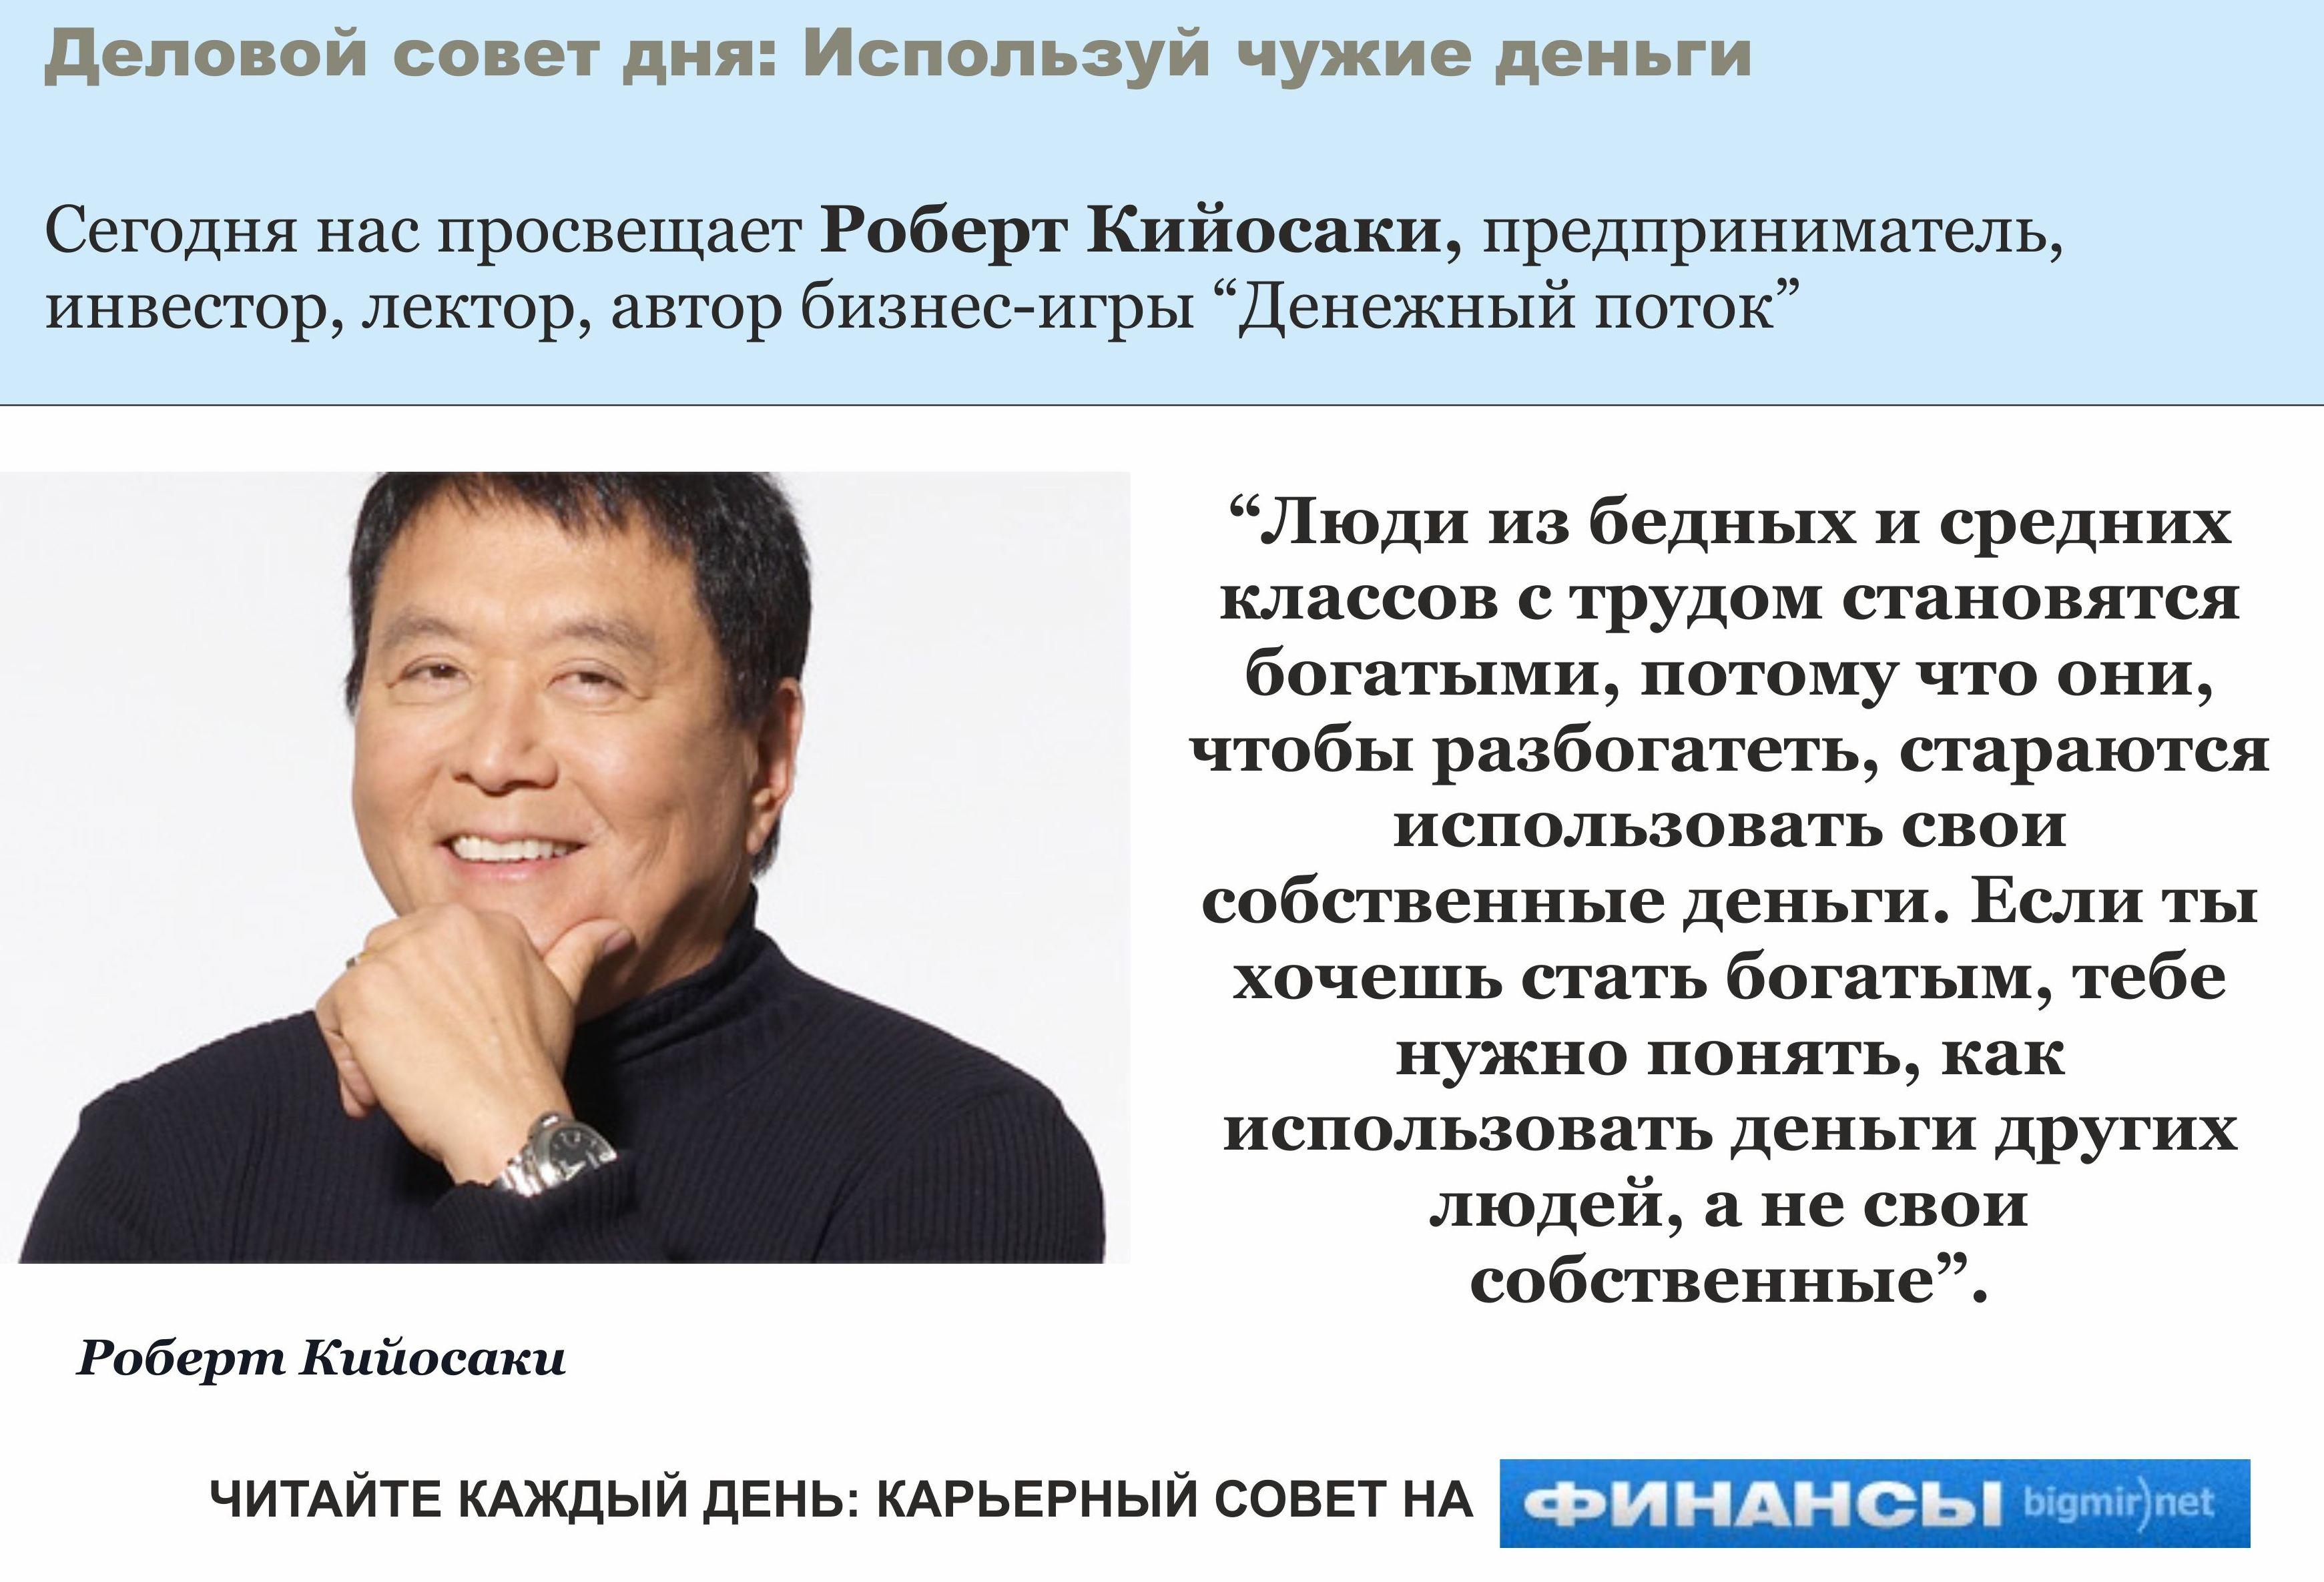 Цитаты миллиардеров о деньгах